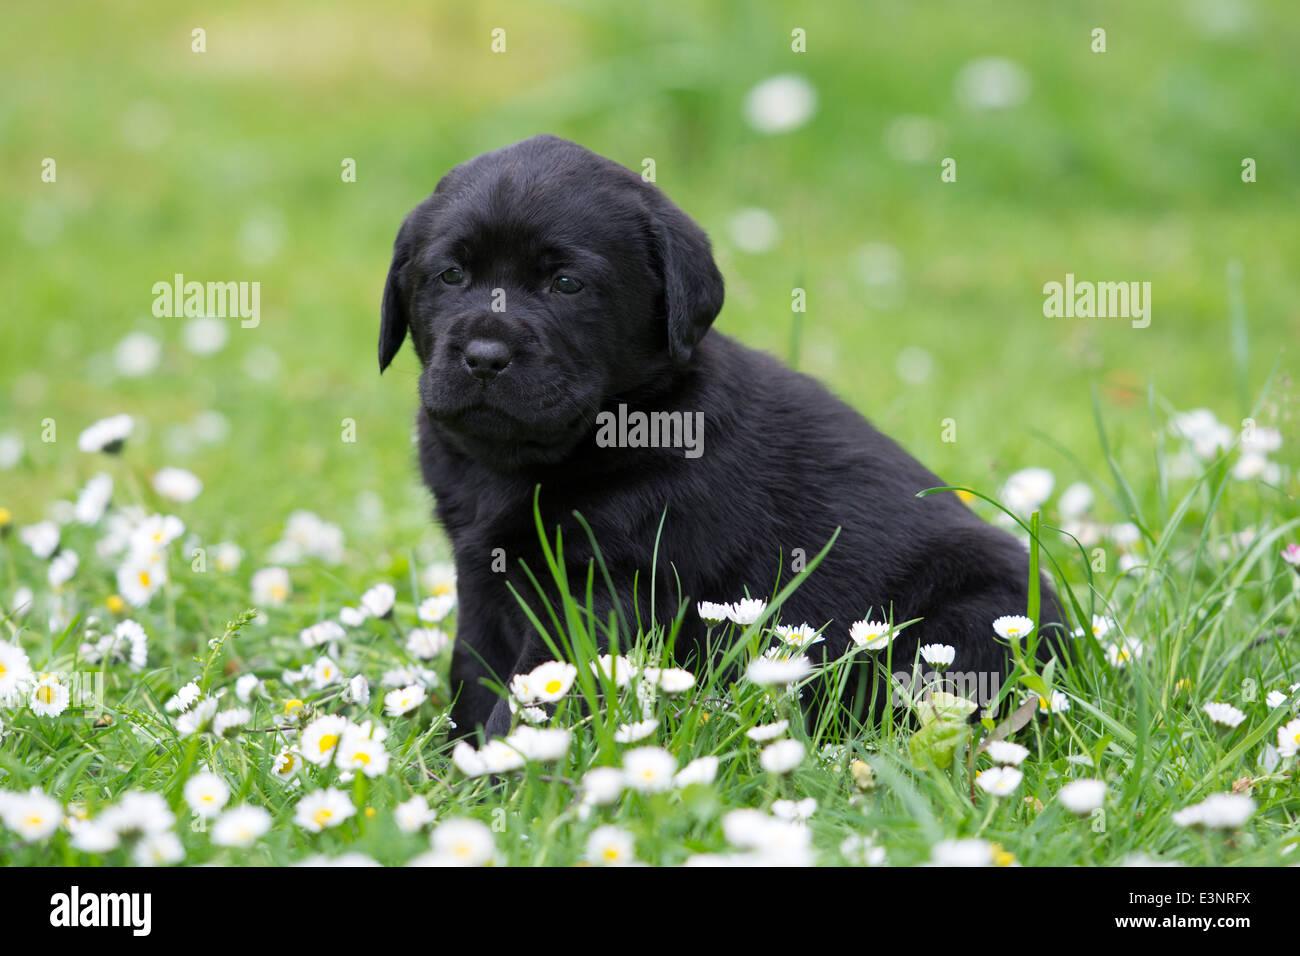 Labrador Retriever puppy dog - Stock Image